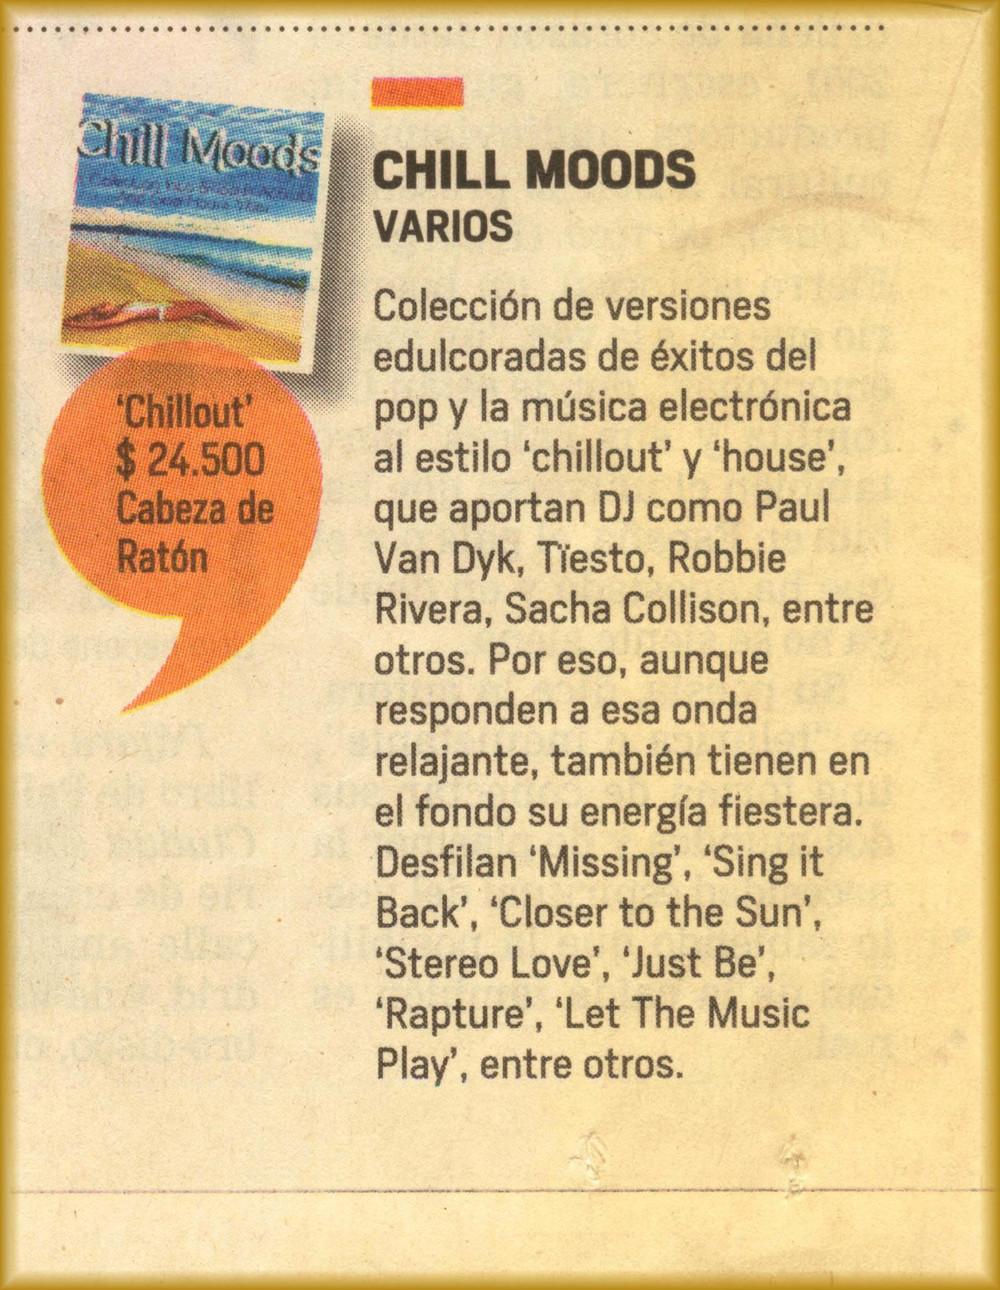 Reseña El Tiempo _ CD Chill Moods.jpg